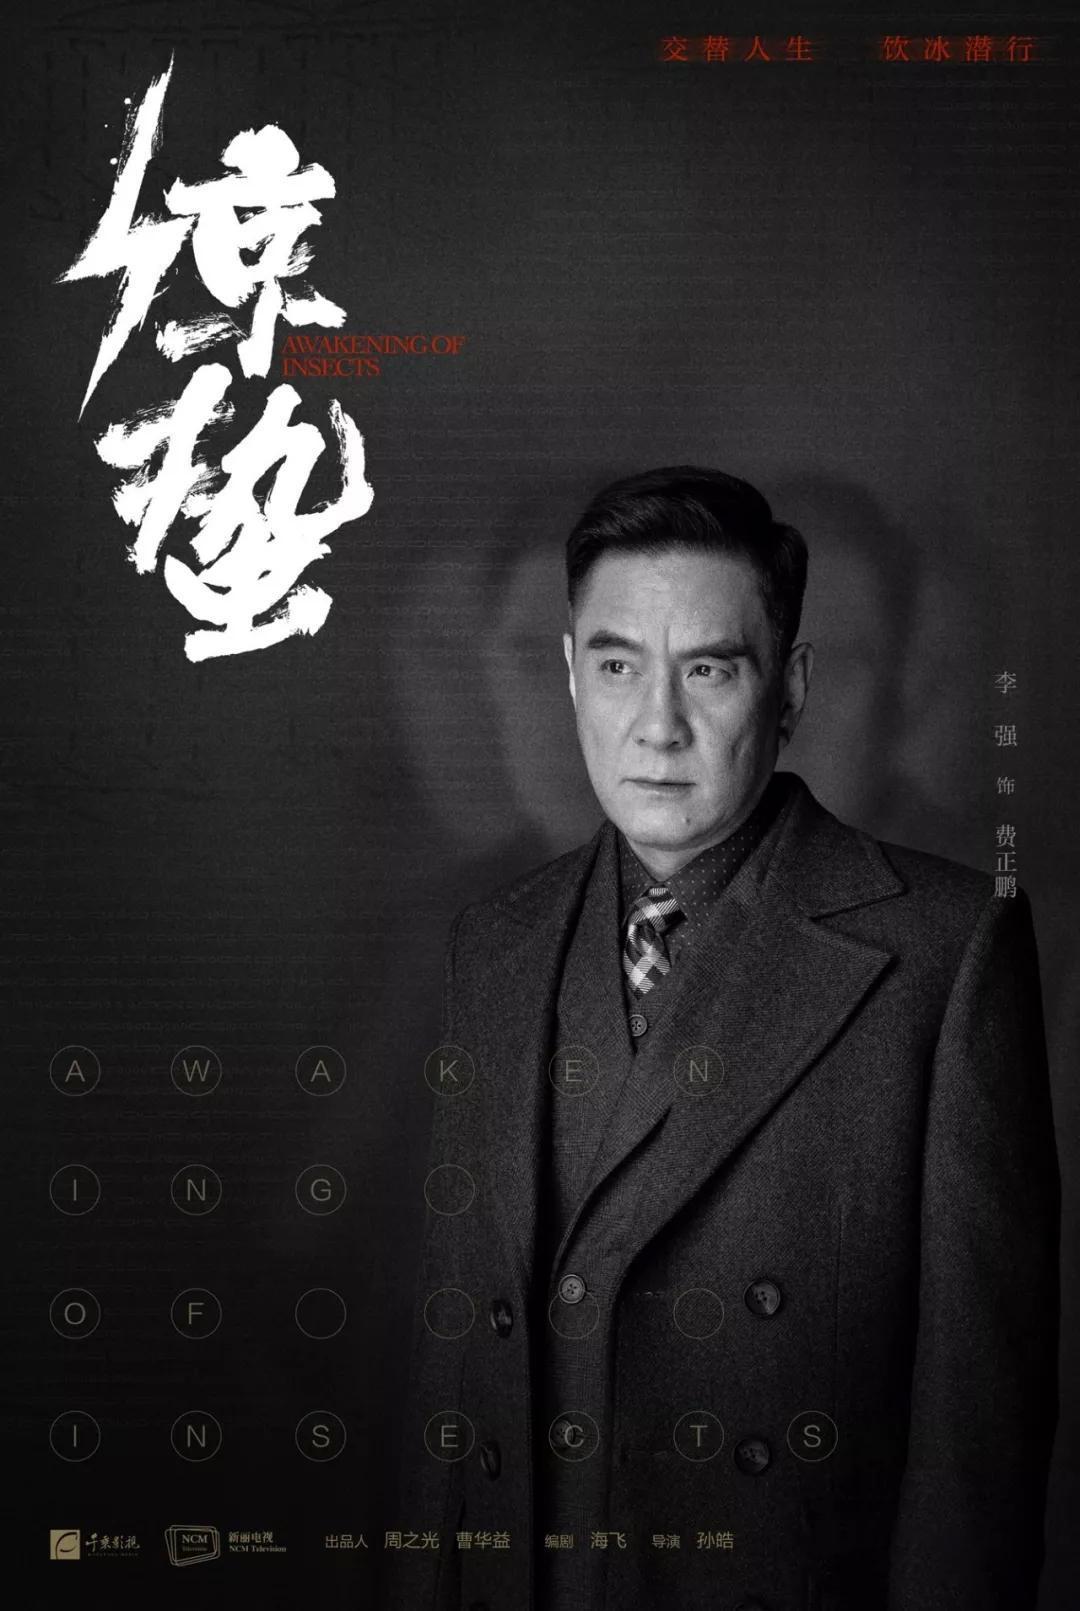 《惊蛰》转战横店 张若昀王鸥扭转局势